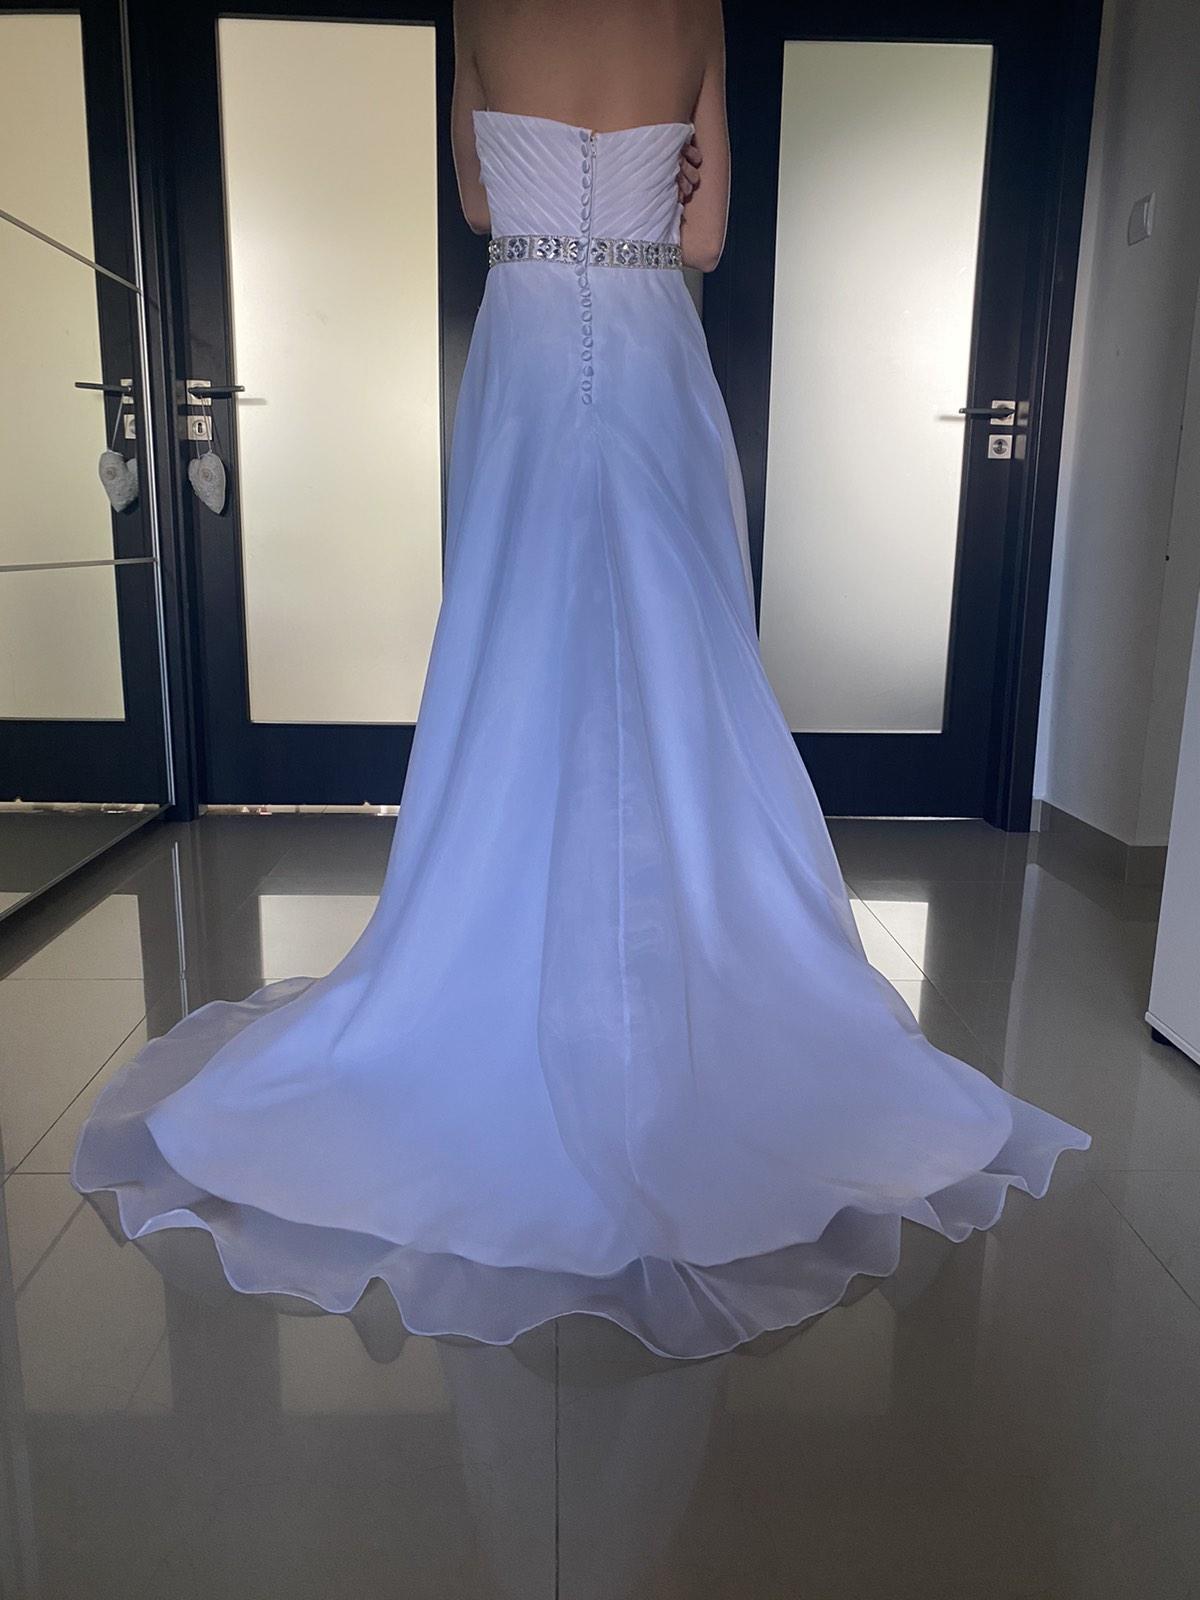 svatební šaty, společenské šaty - Obrázek č. 1